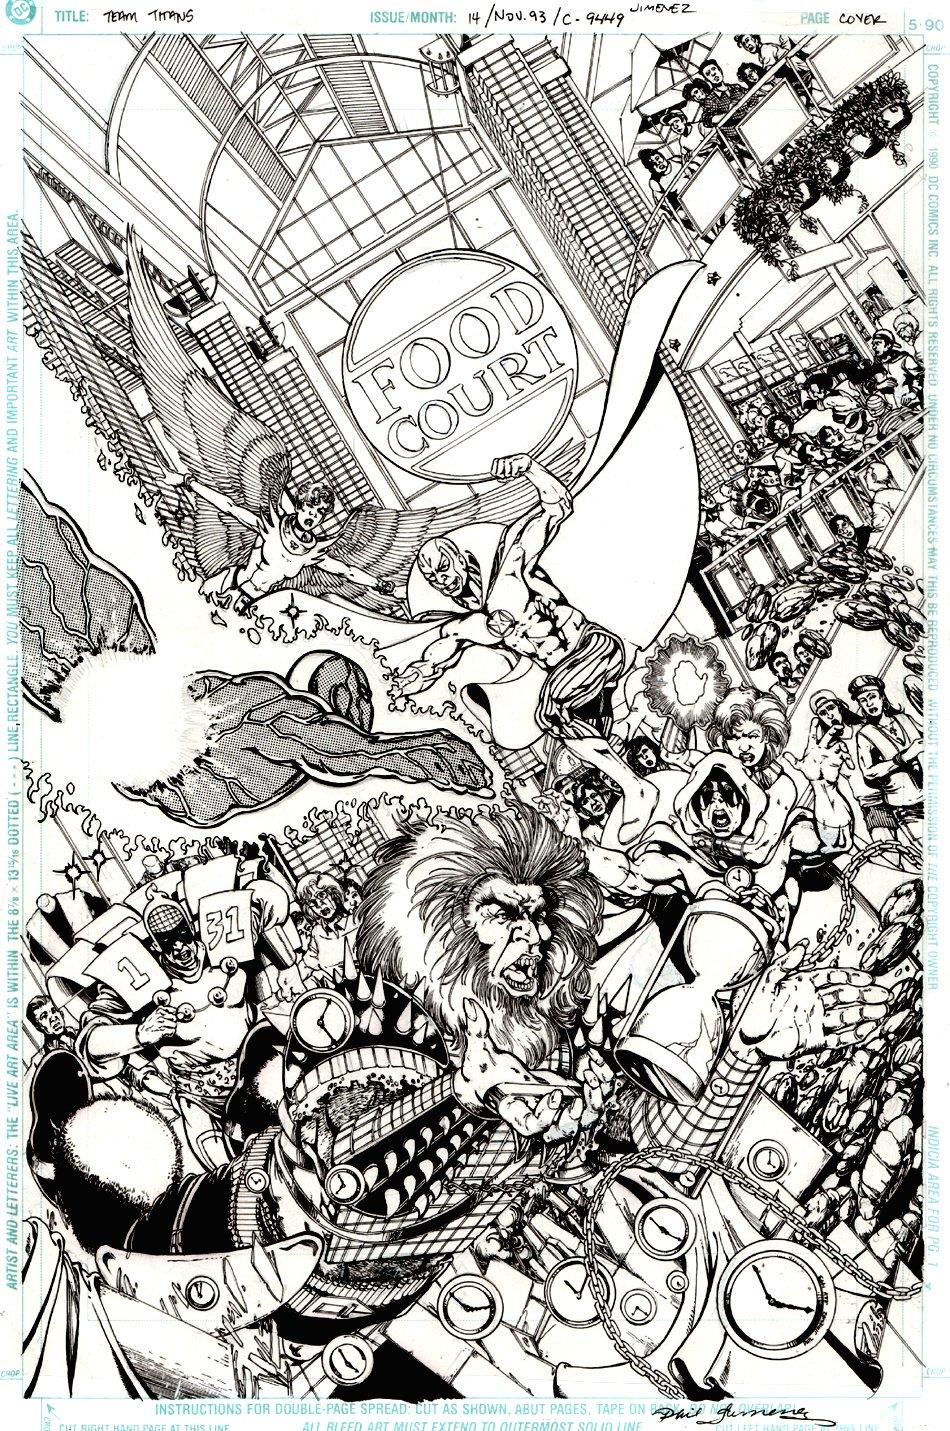 Team Titans #14 Cover (1993)